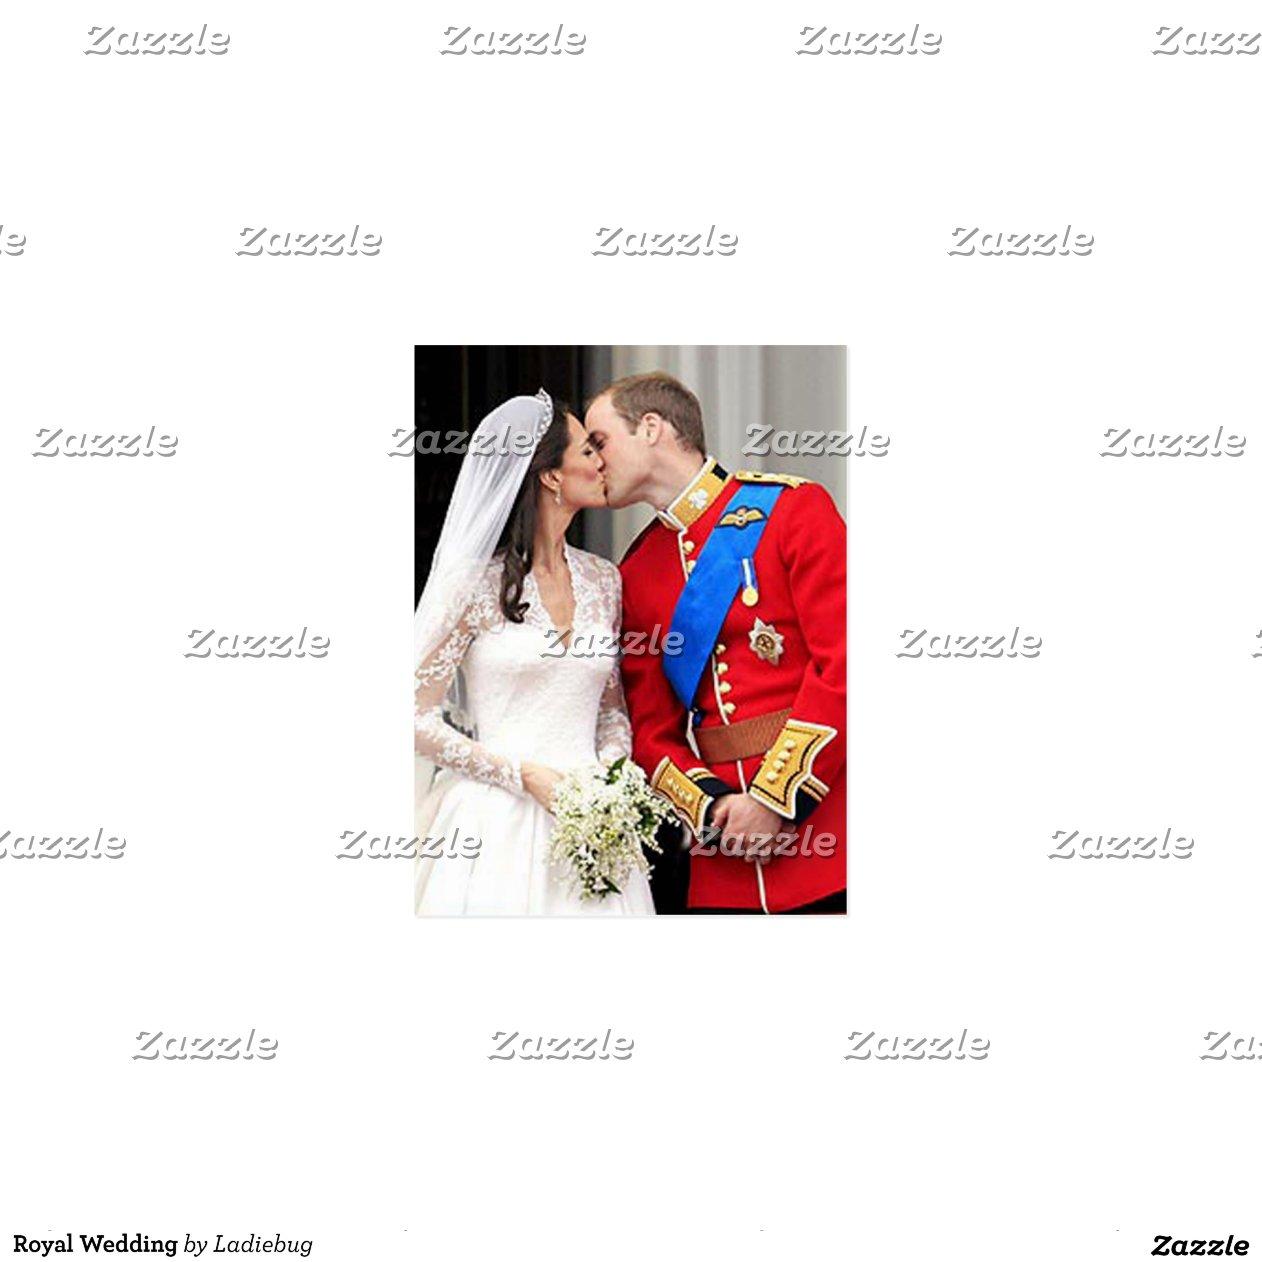 Koninklijk huwelijk wens kaart zazzle